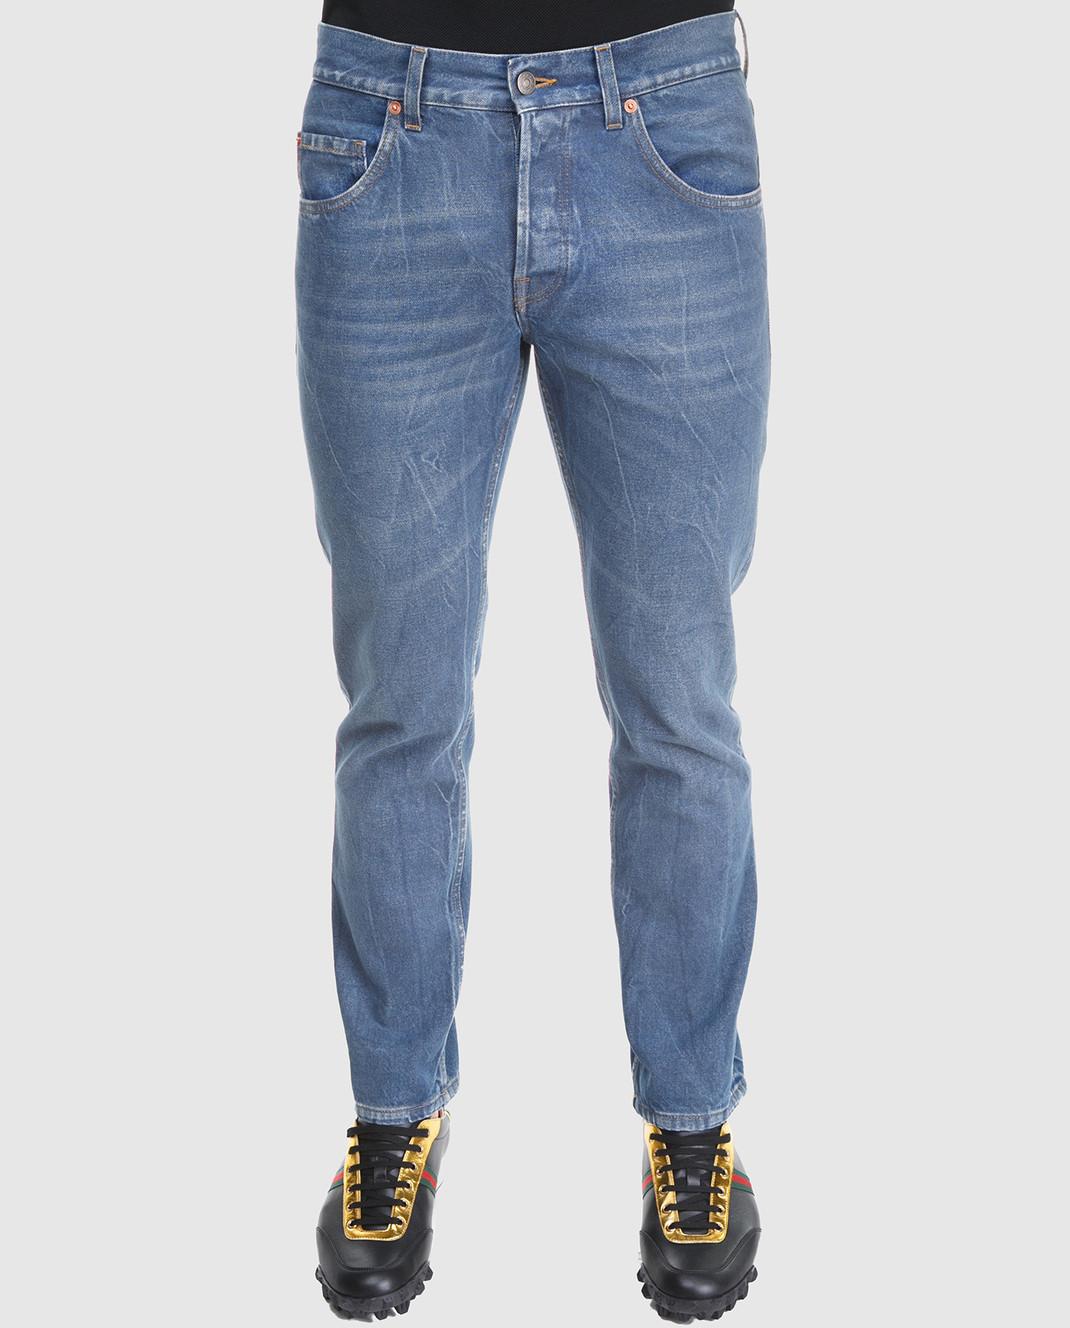 Gucci Синие джинсы 475273 изображение 3